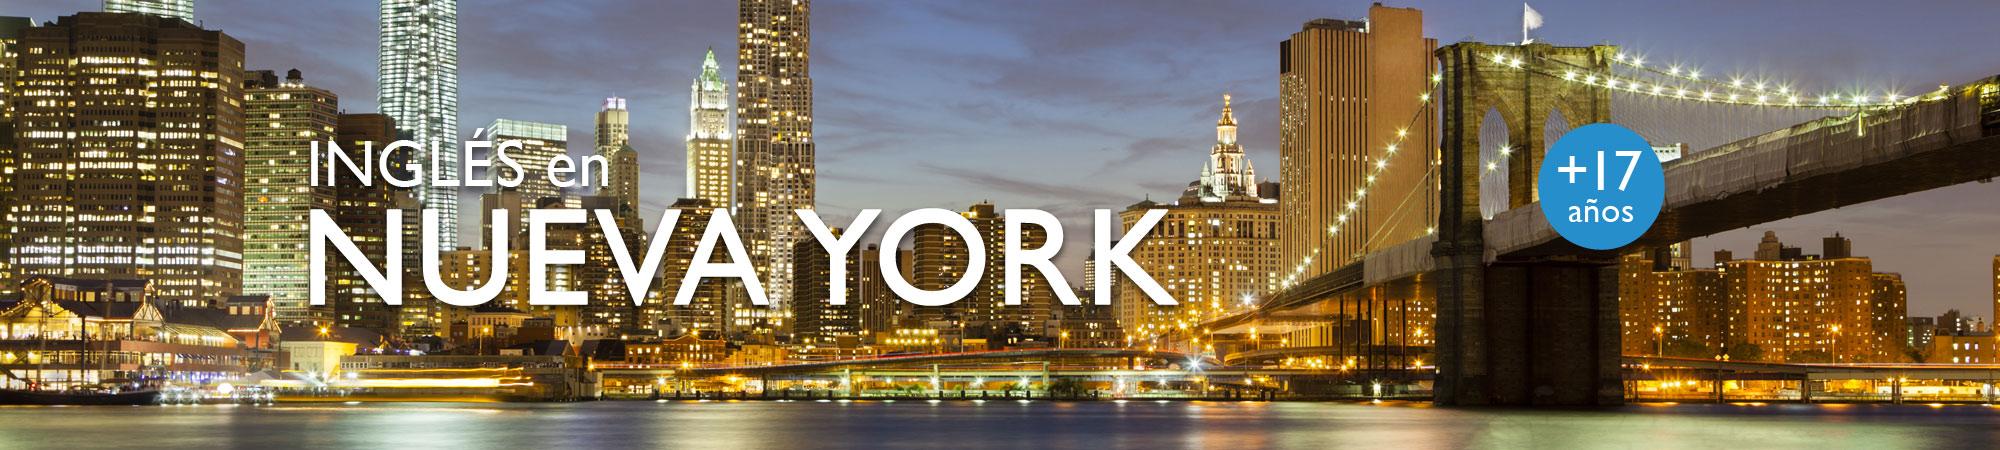 Estudiar ingles en Nueva York Cursos Midleton school